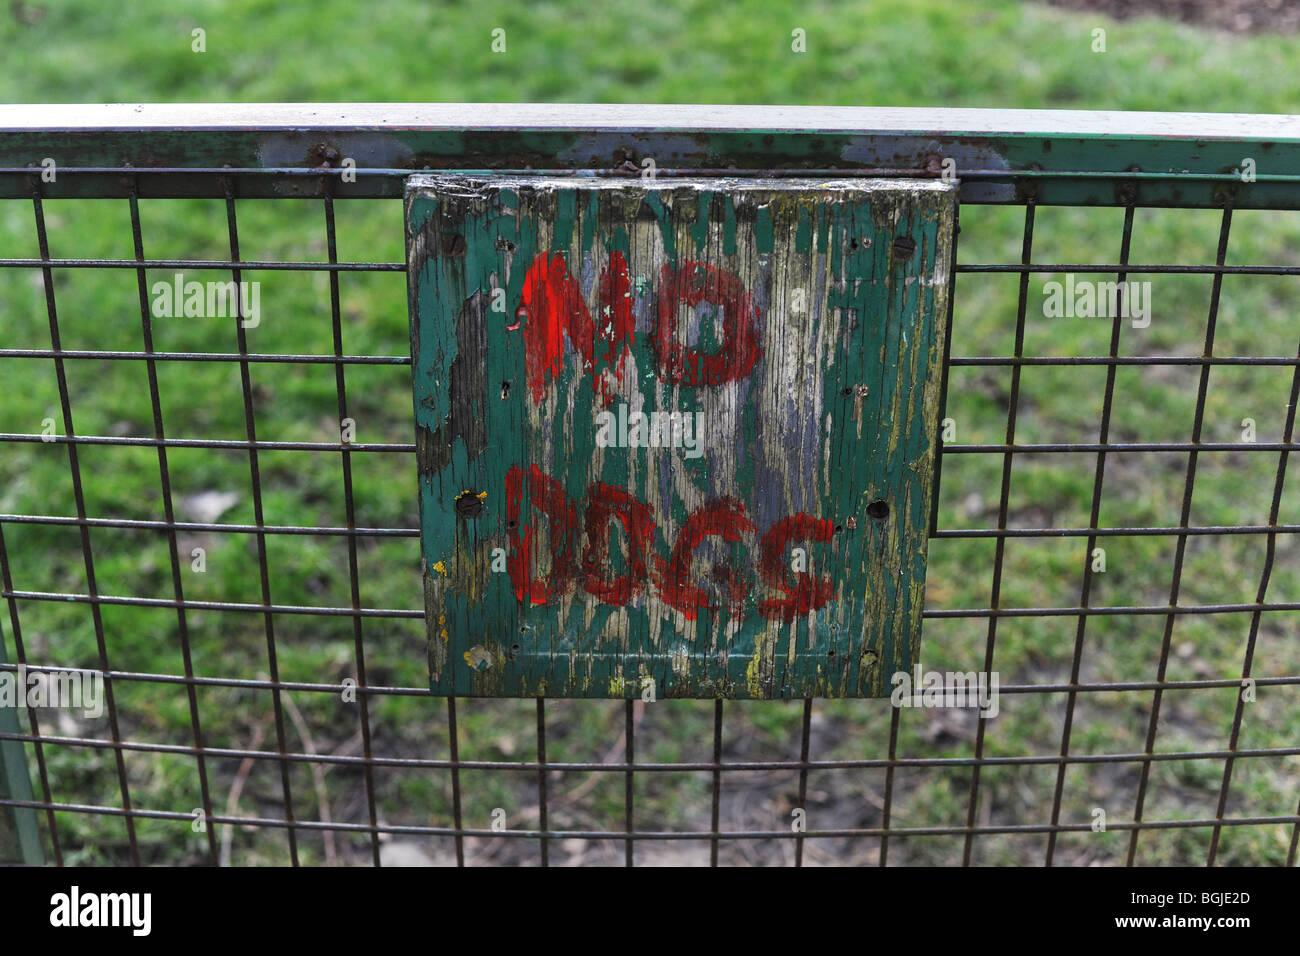 Ningún signo de perros Imagen De Stock